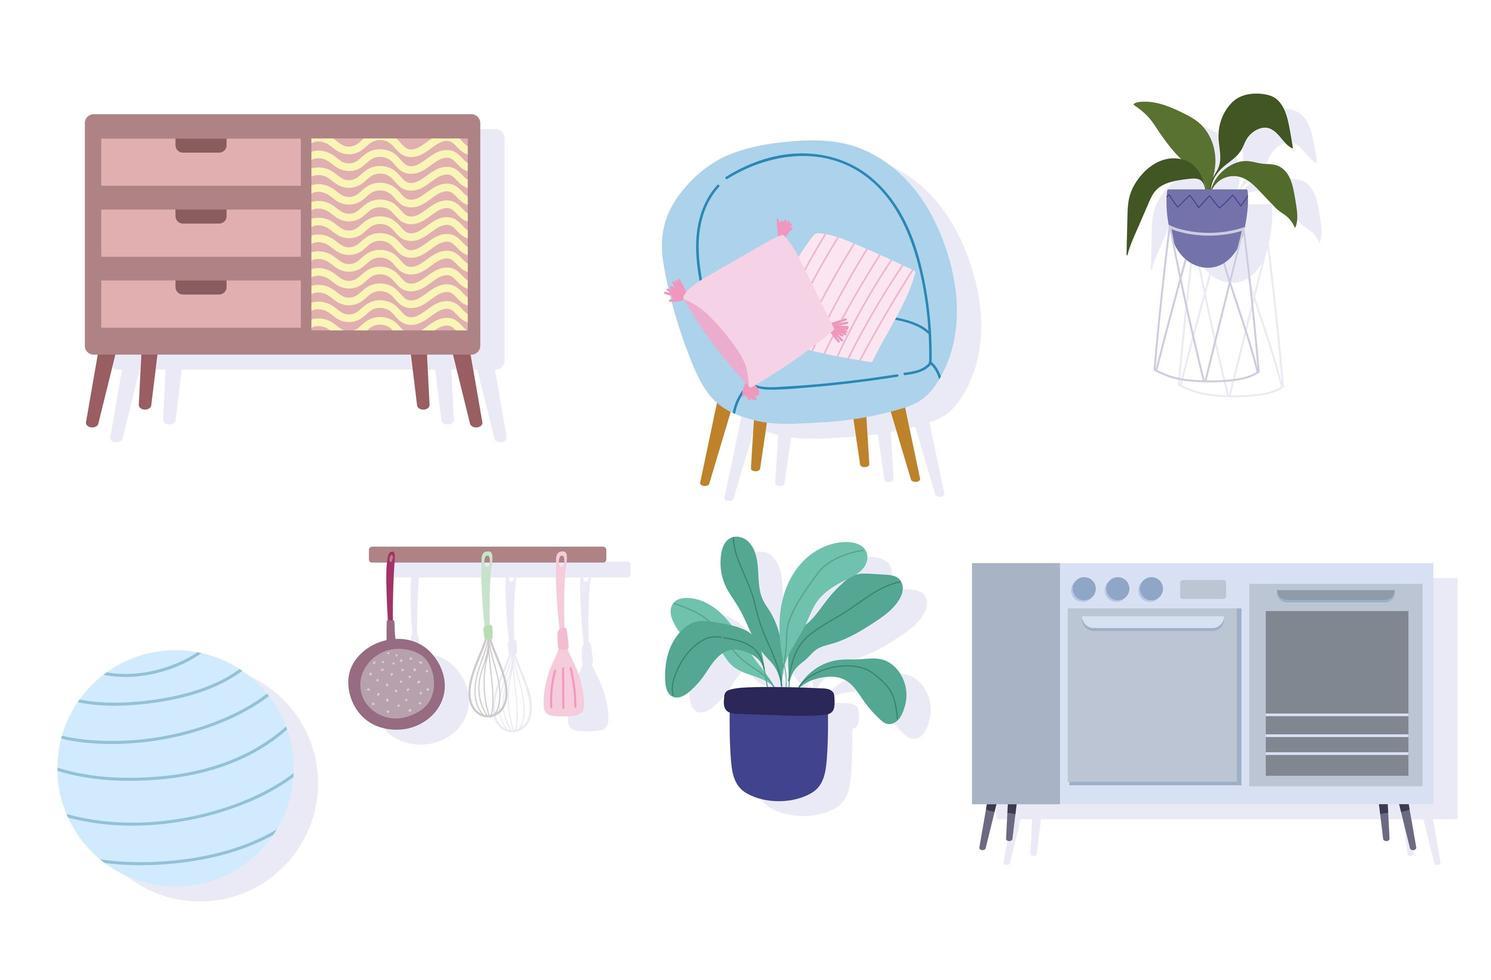 ícones de fogão, móveis, cadeira, bola, planta e talheres vetor